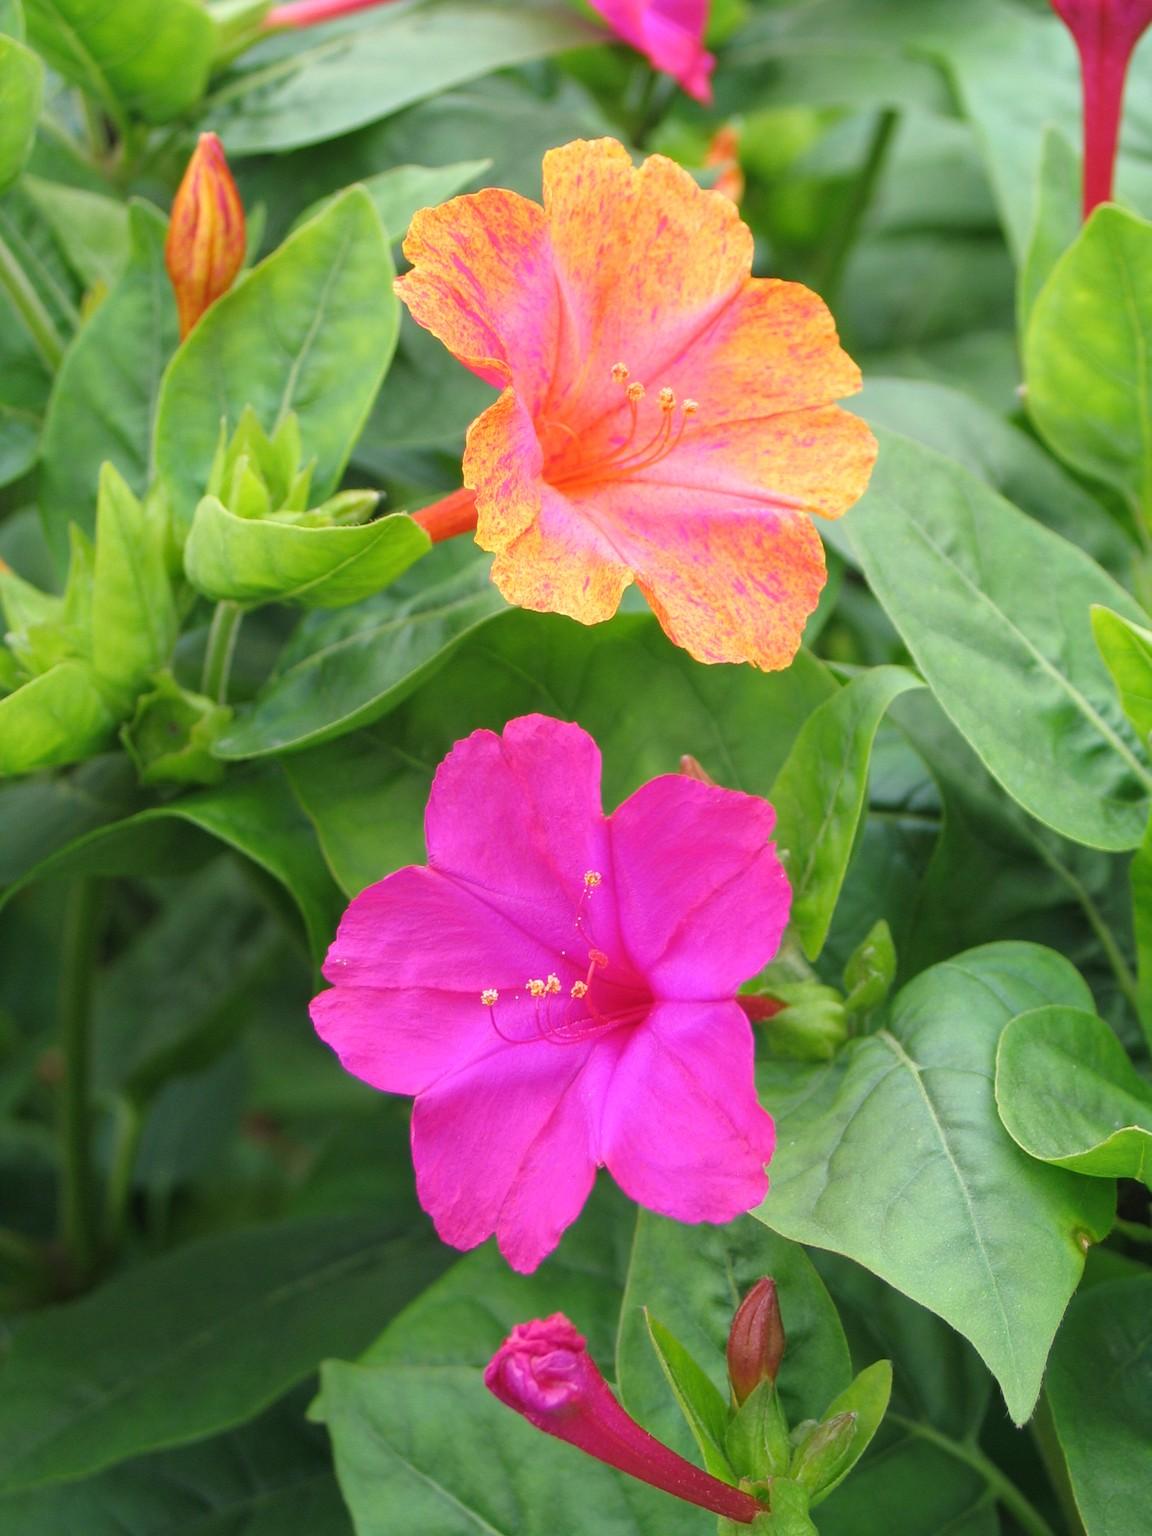 цветок утренняя зорька фото правда, пока